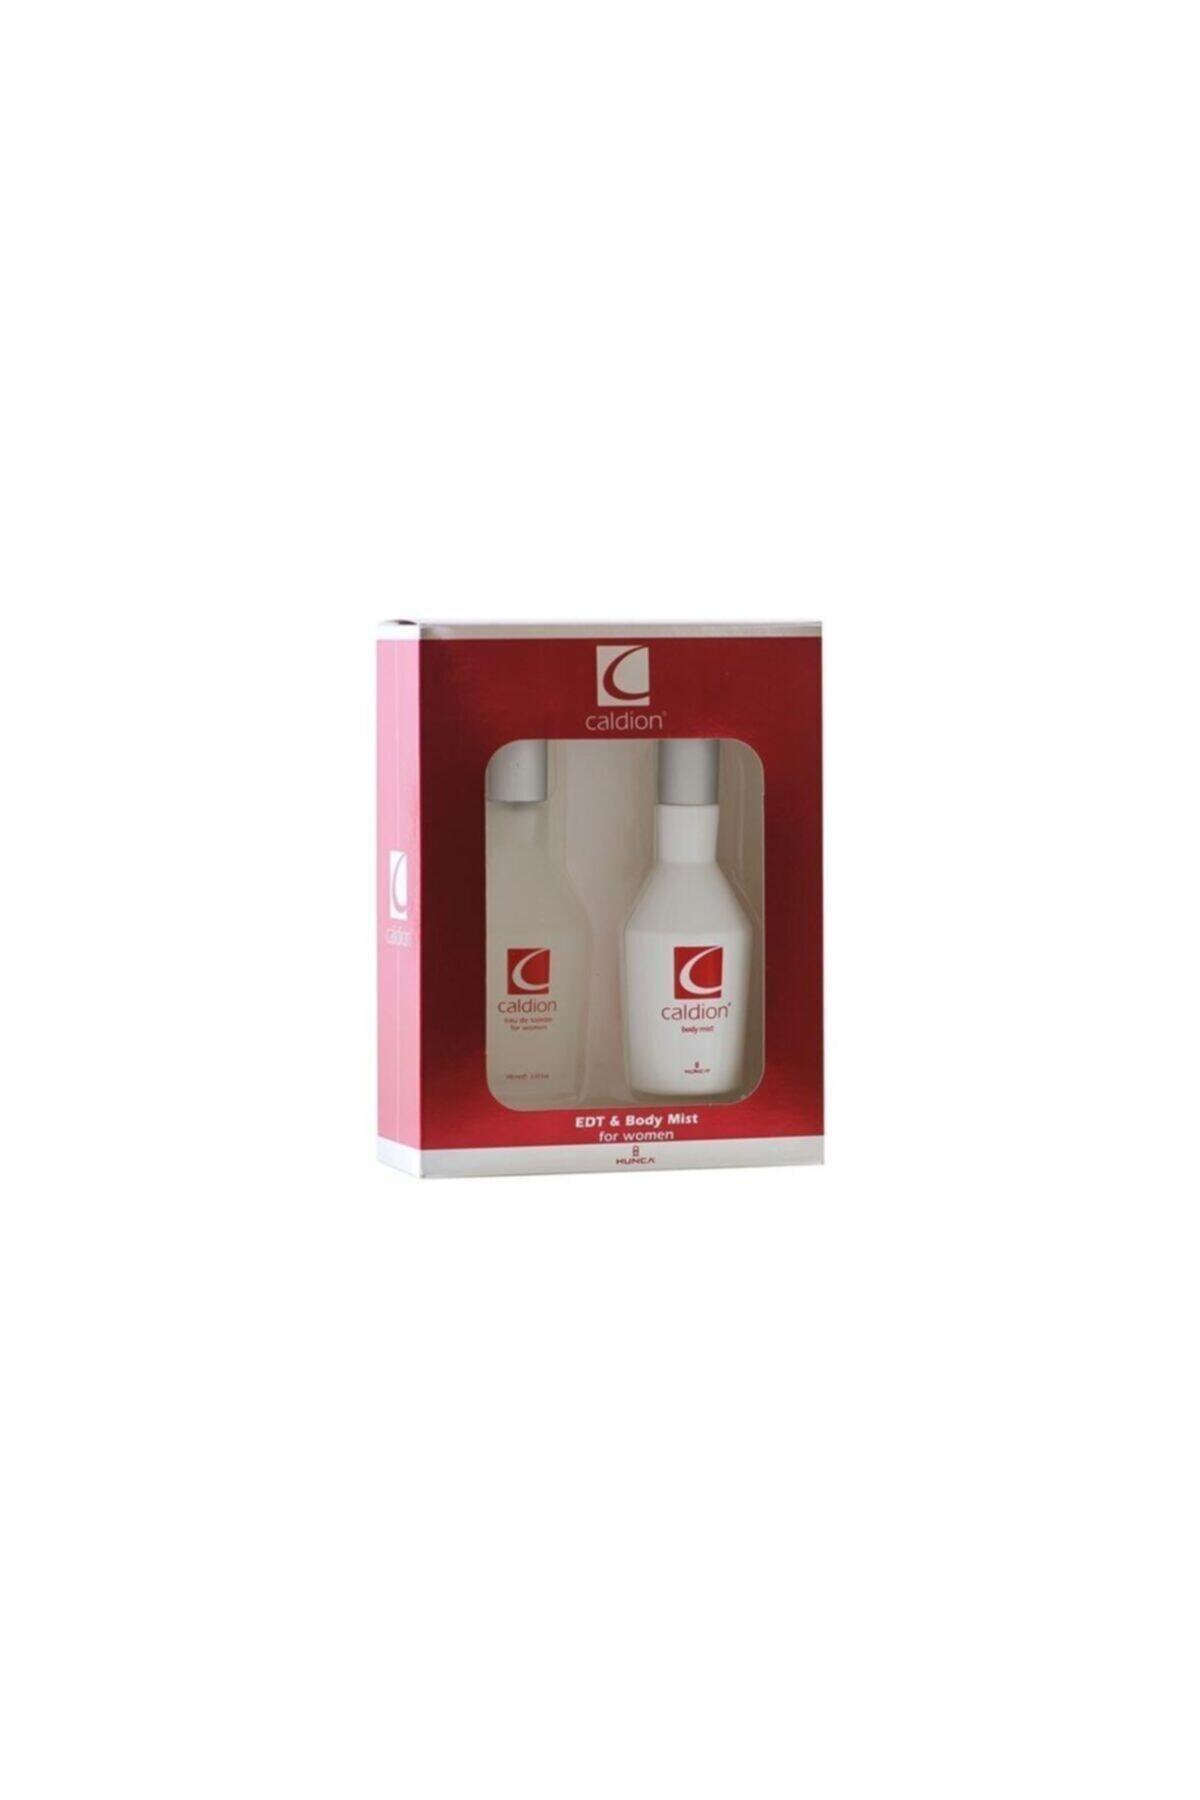 Caldion Caldıon Edt 50 Ml + 150 Ml Deodorant Kadın Parfüm Seti 8690973507280 2